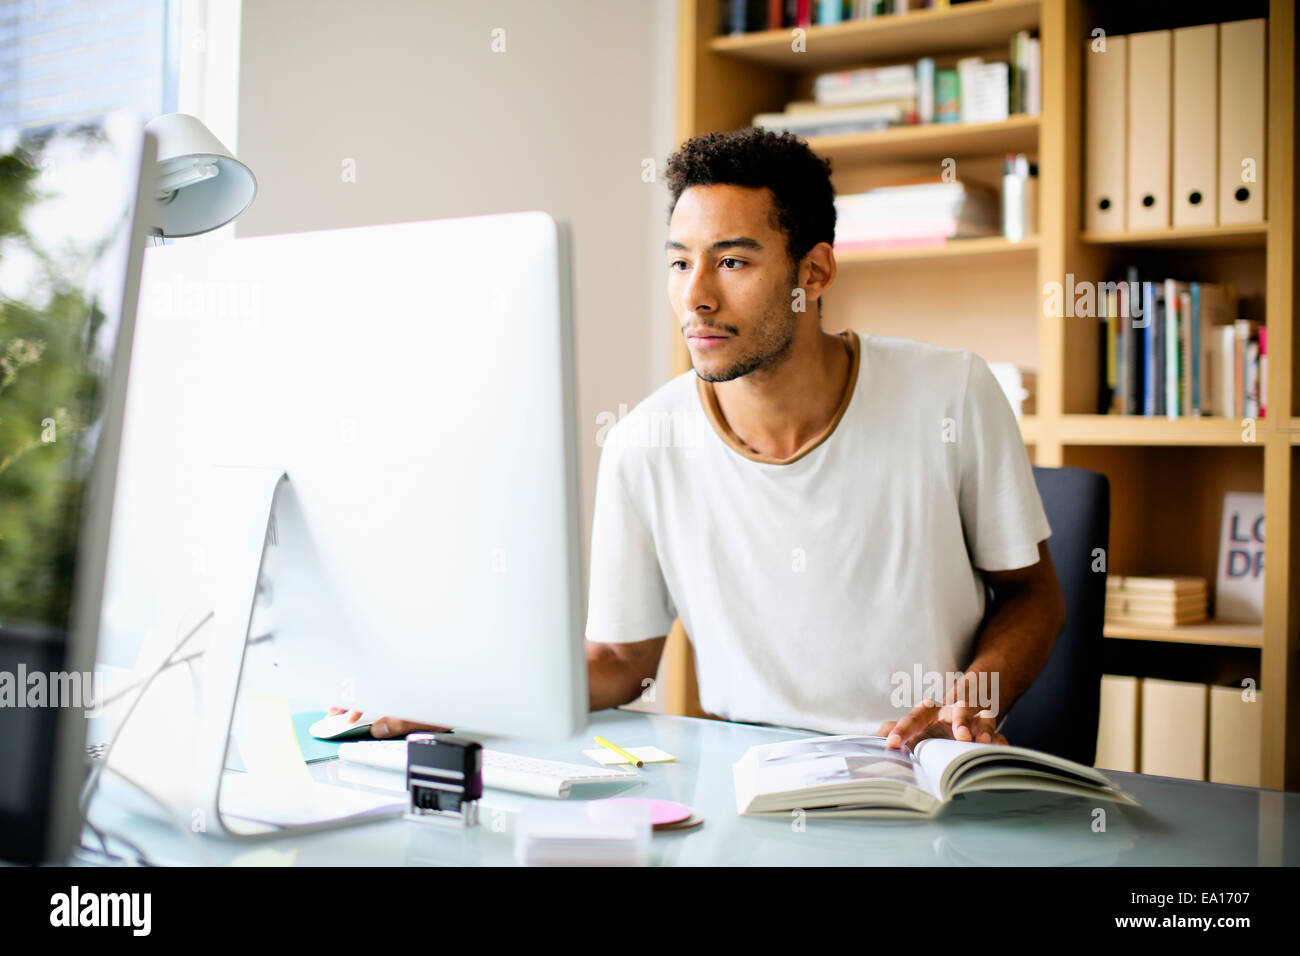 Graphic designer utilizzando computer sul posto di lavoro Immagini Stock